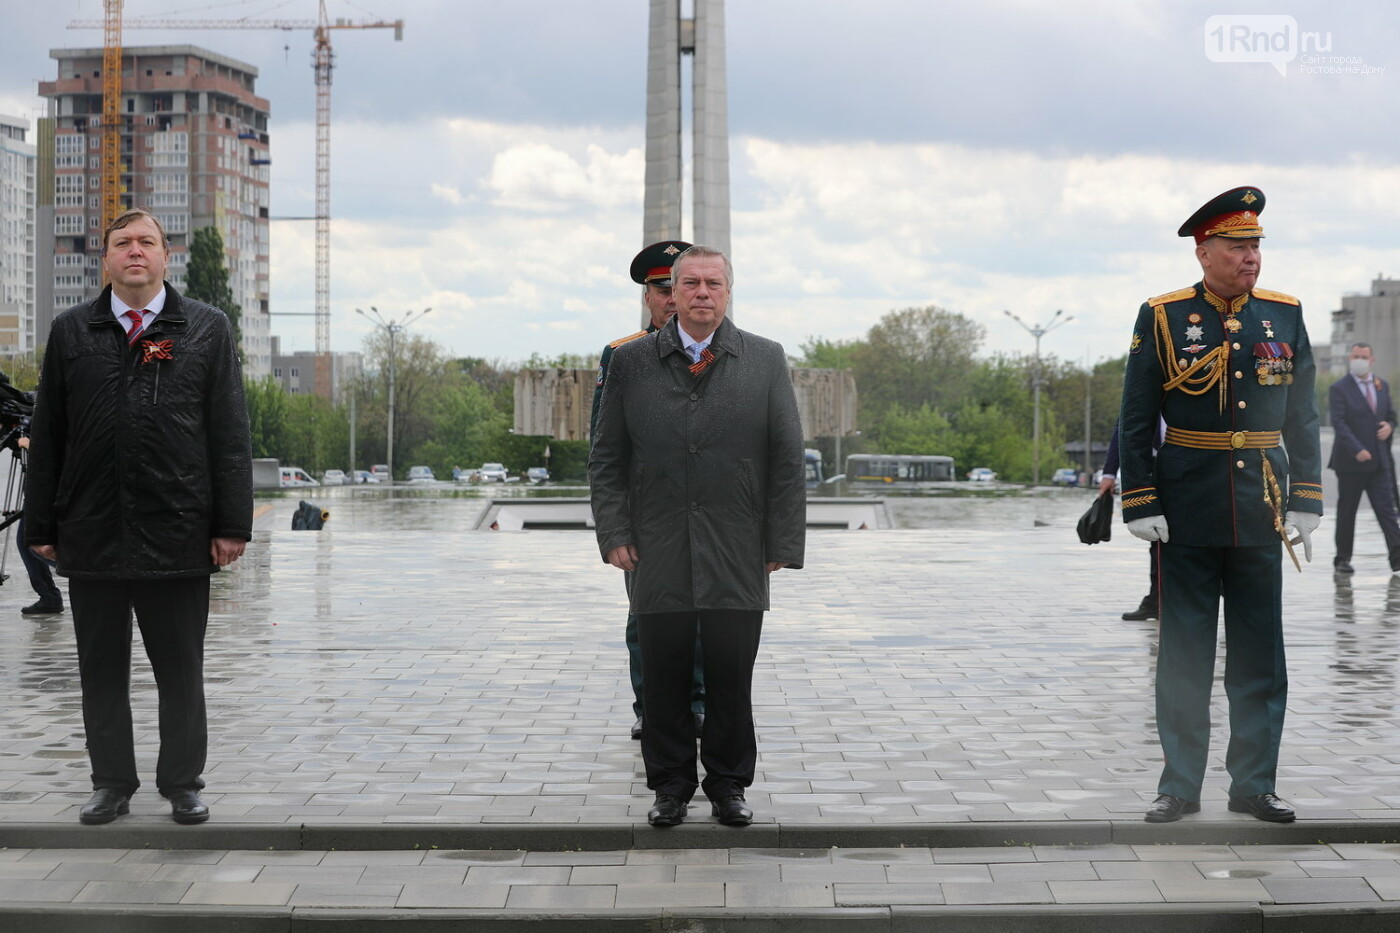 Первые лица Ростовской области пришли на торжества в честь Дня Победы без масок, фото-1